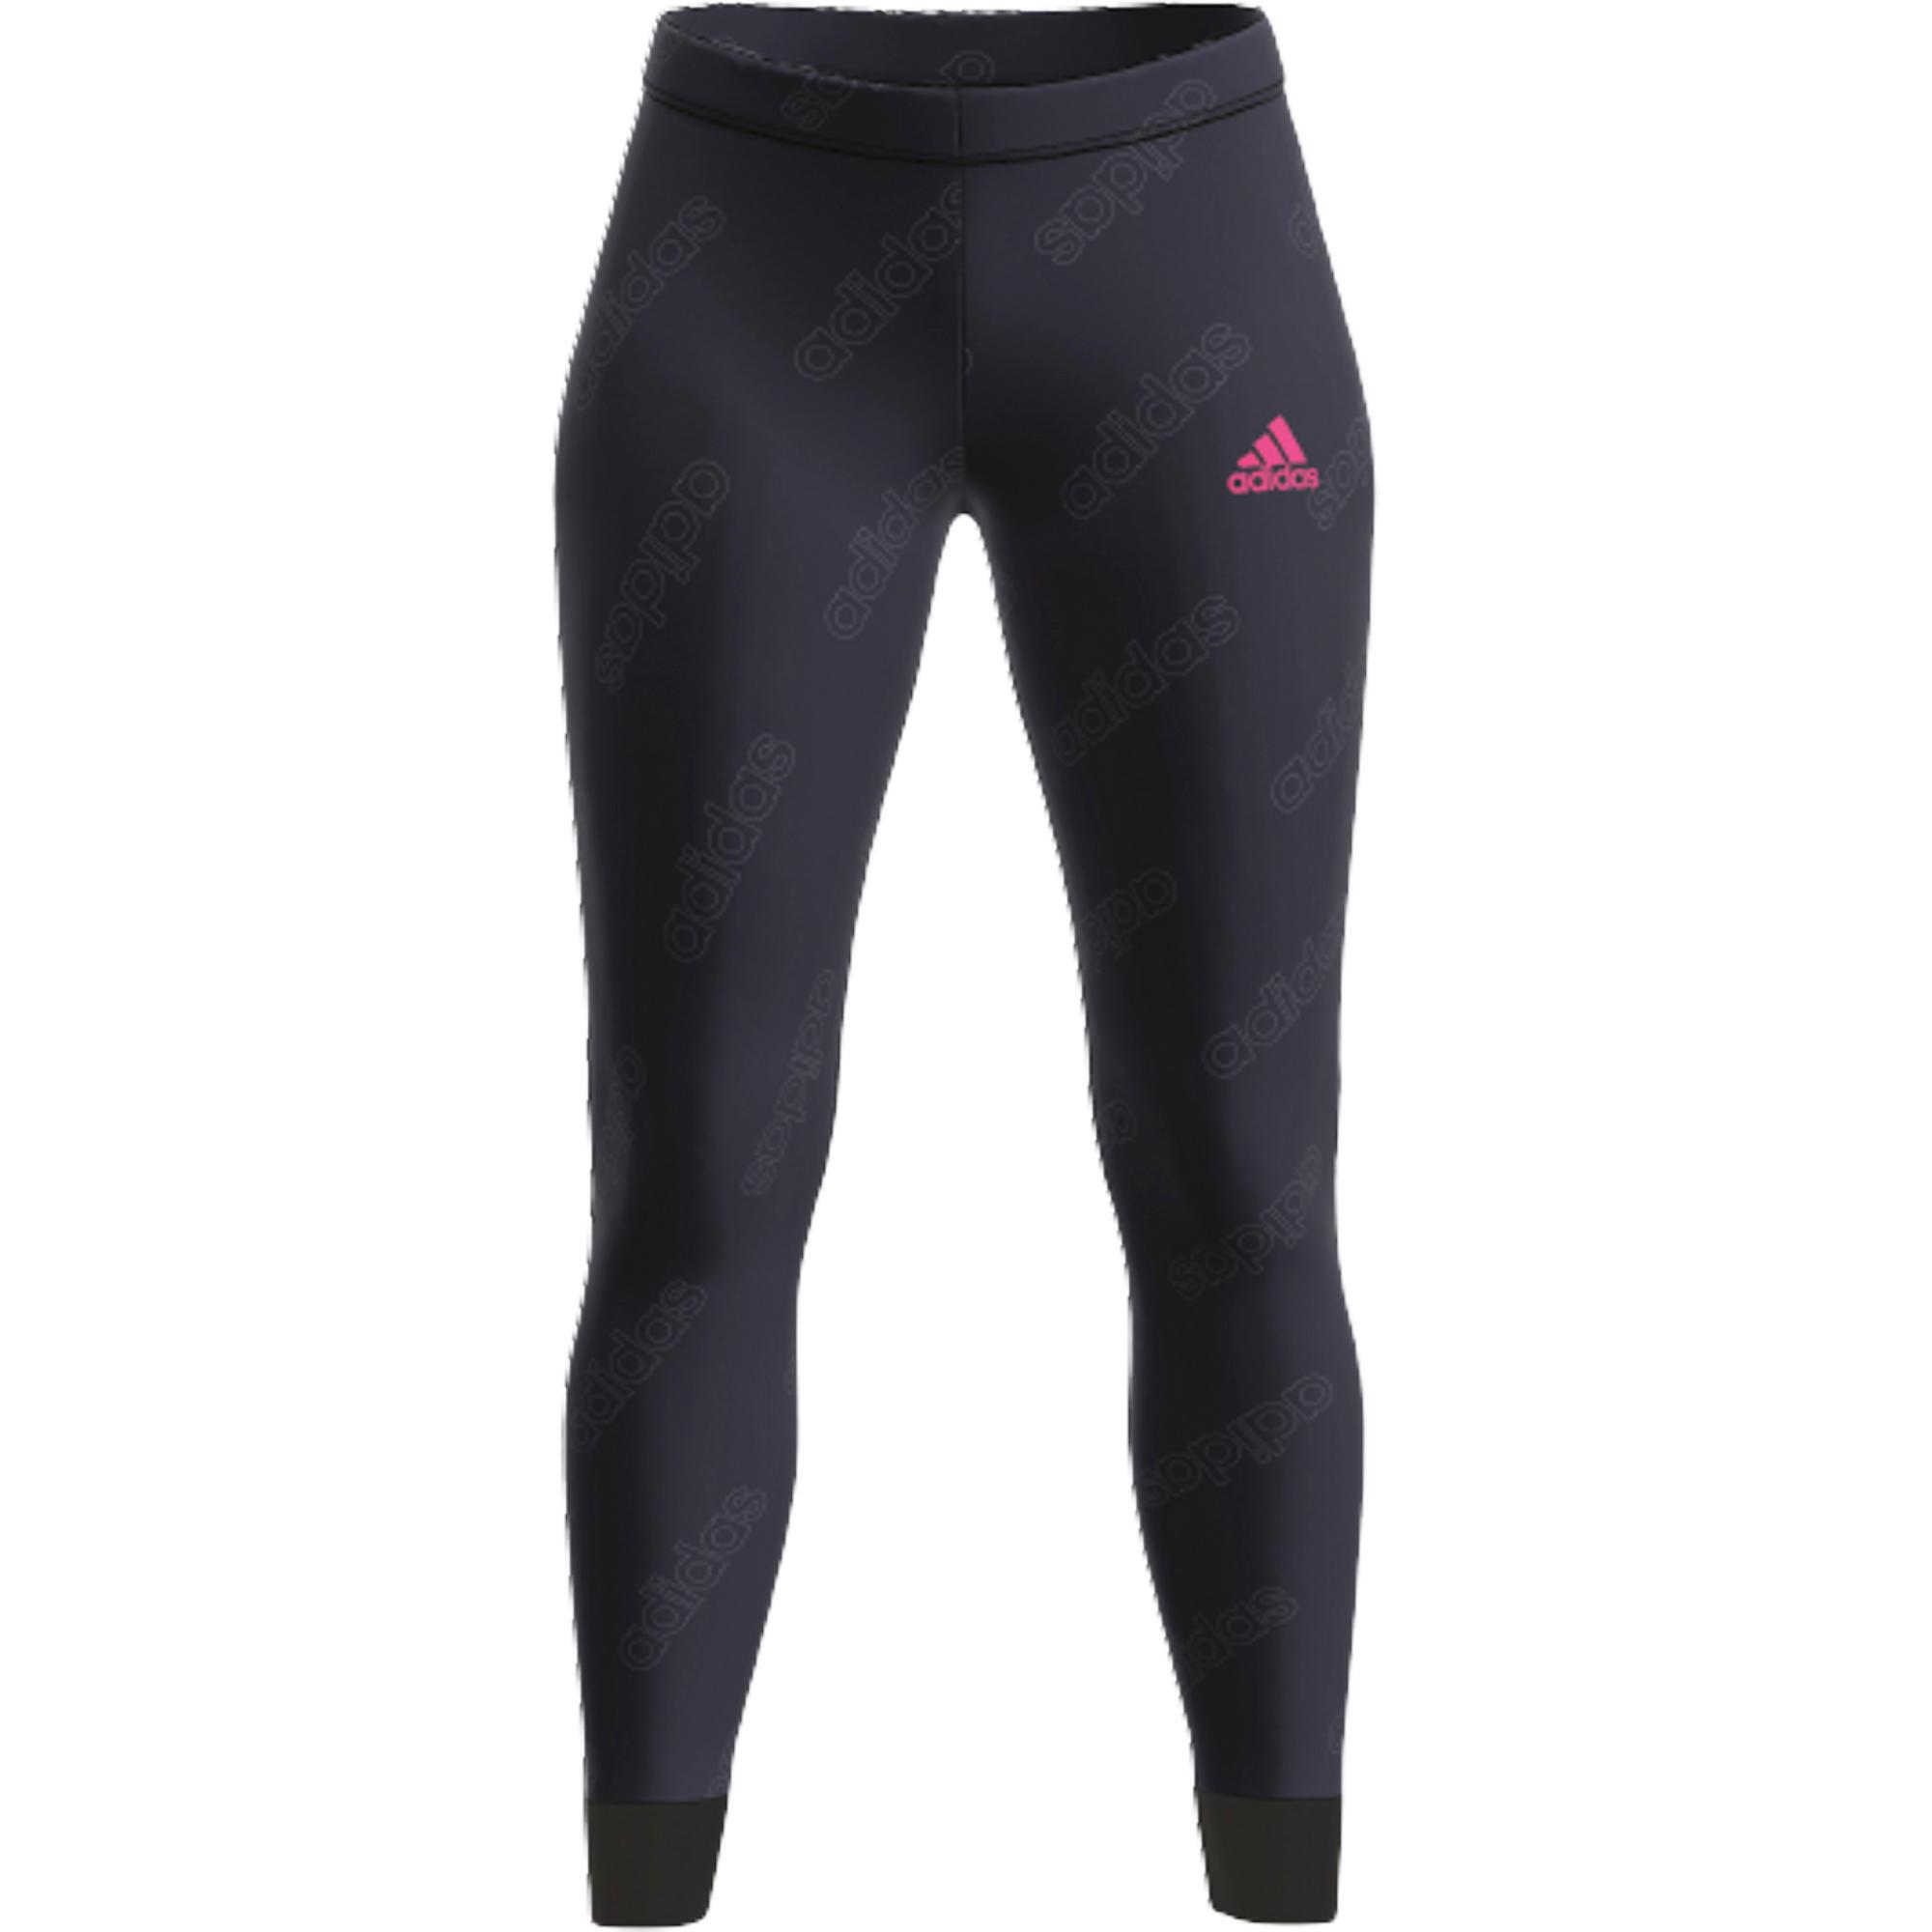 Adidas Leggings Essentials AOP Damen